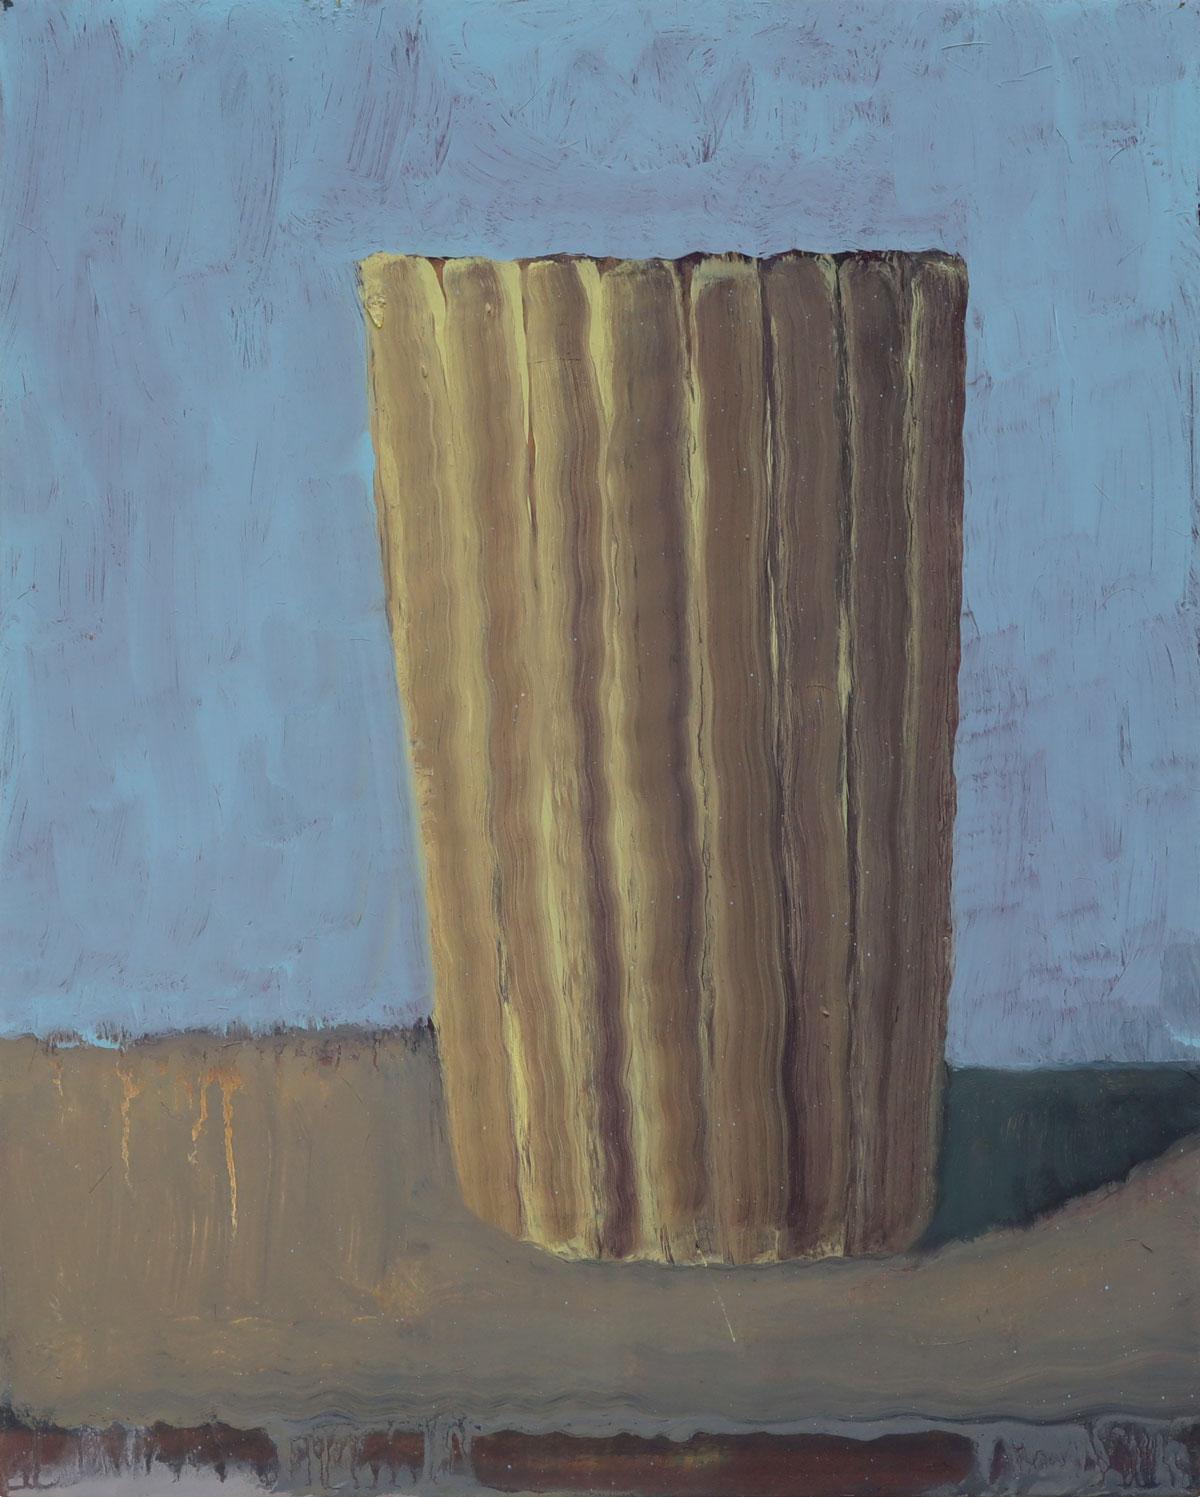 De Chirico Becher | 2018 | Öl / Holz | 30 x 24 cm